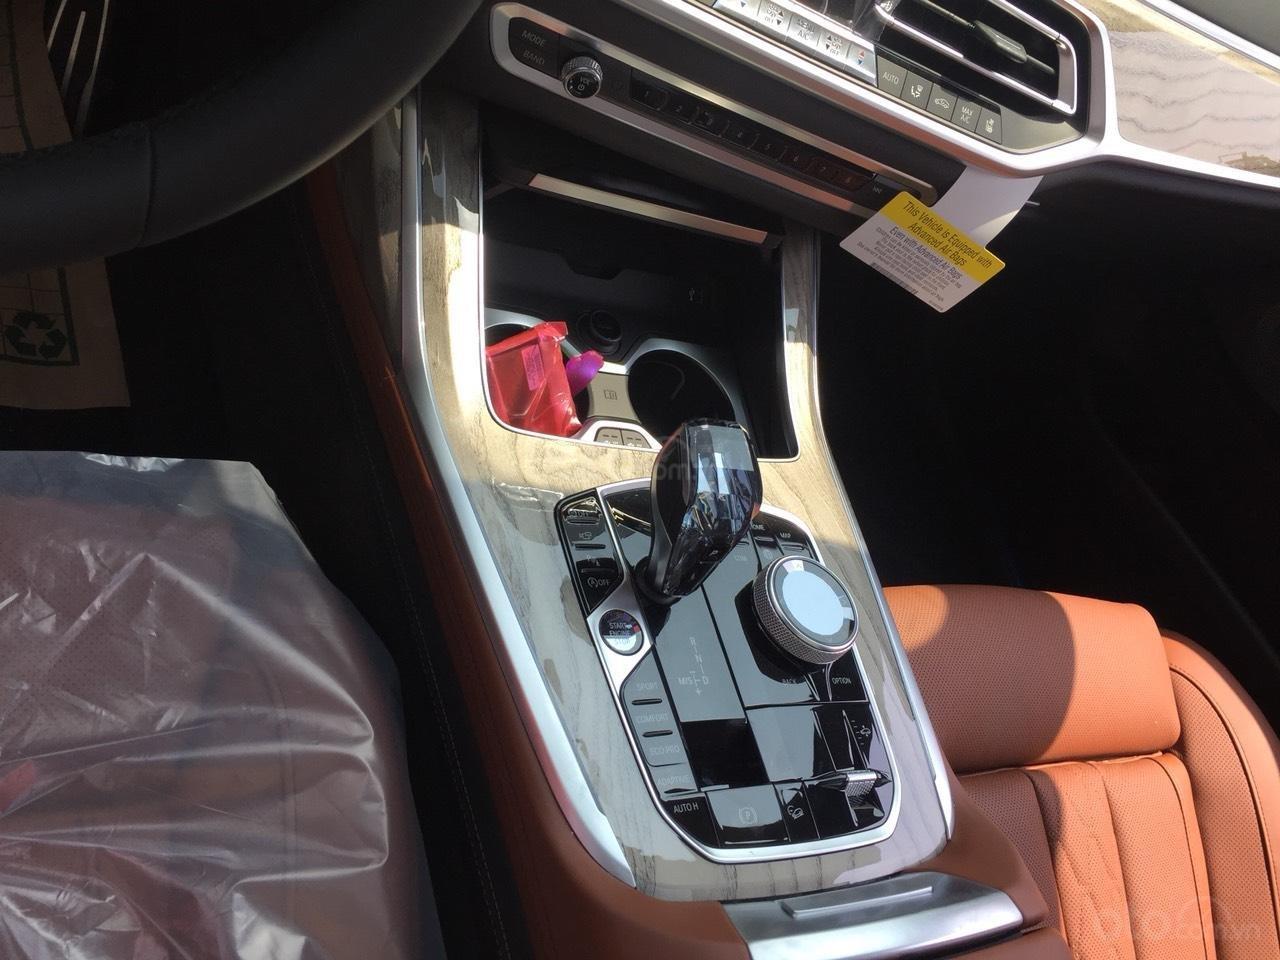 Bán BMW X7 M-sport xdrive 40i, đủ màu giao ngay, xe full option, nhận ép biển đẹp (10)